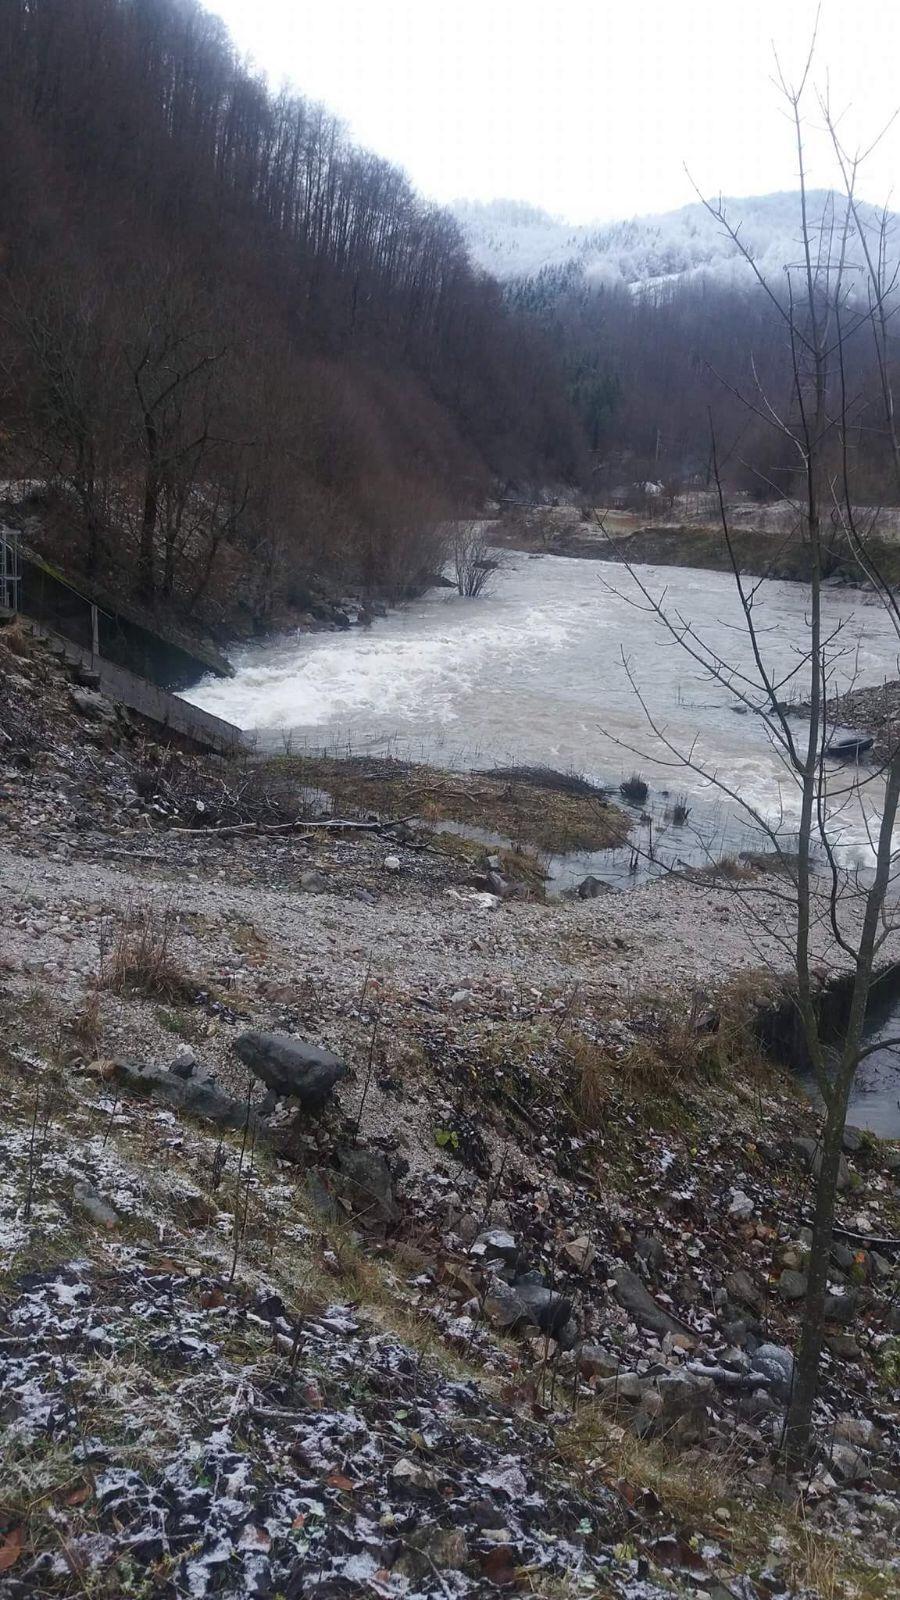 Infiltraţii in Barajul Leşu, dupa ce in lac s-au acumulat 3 milioane de metri cubi de apa